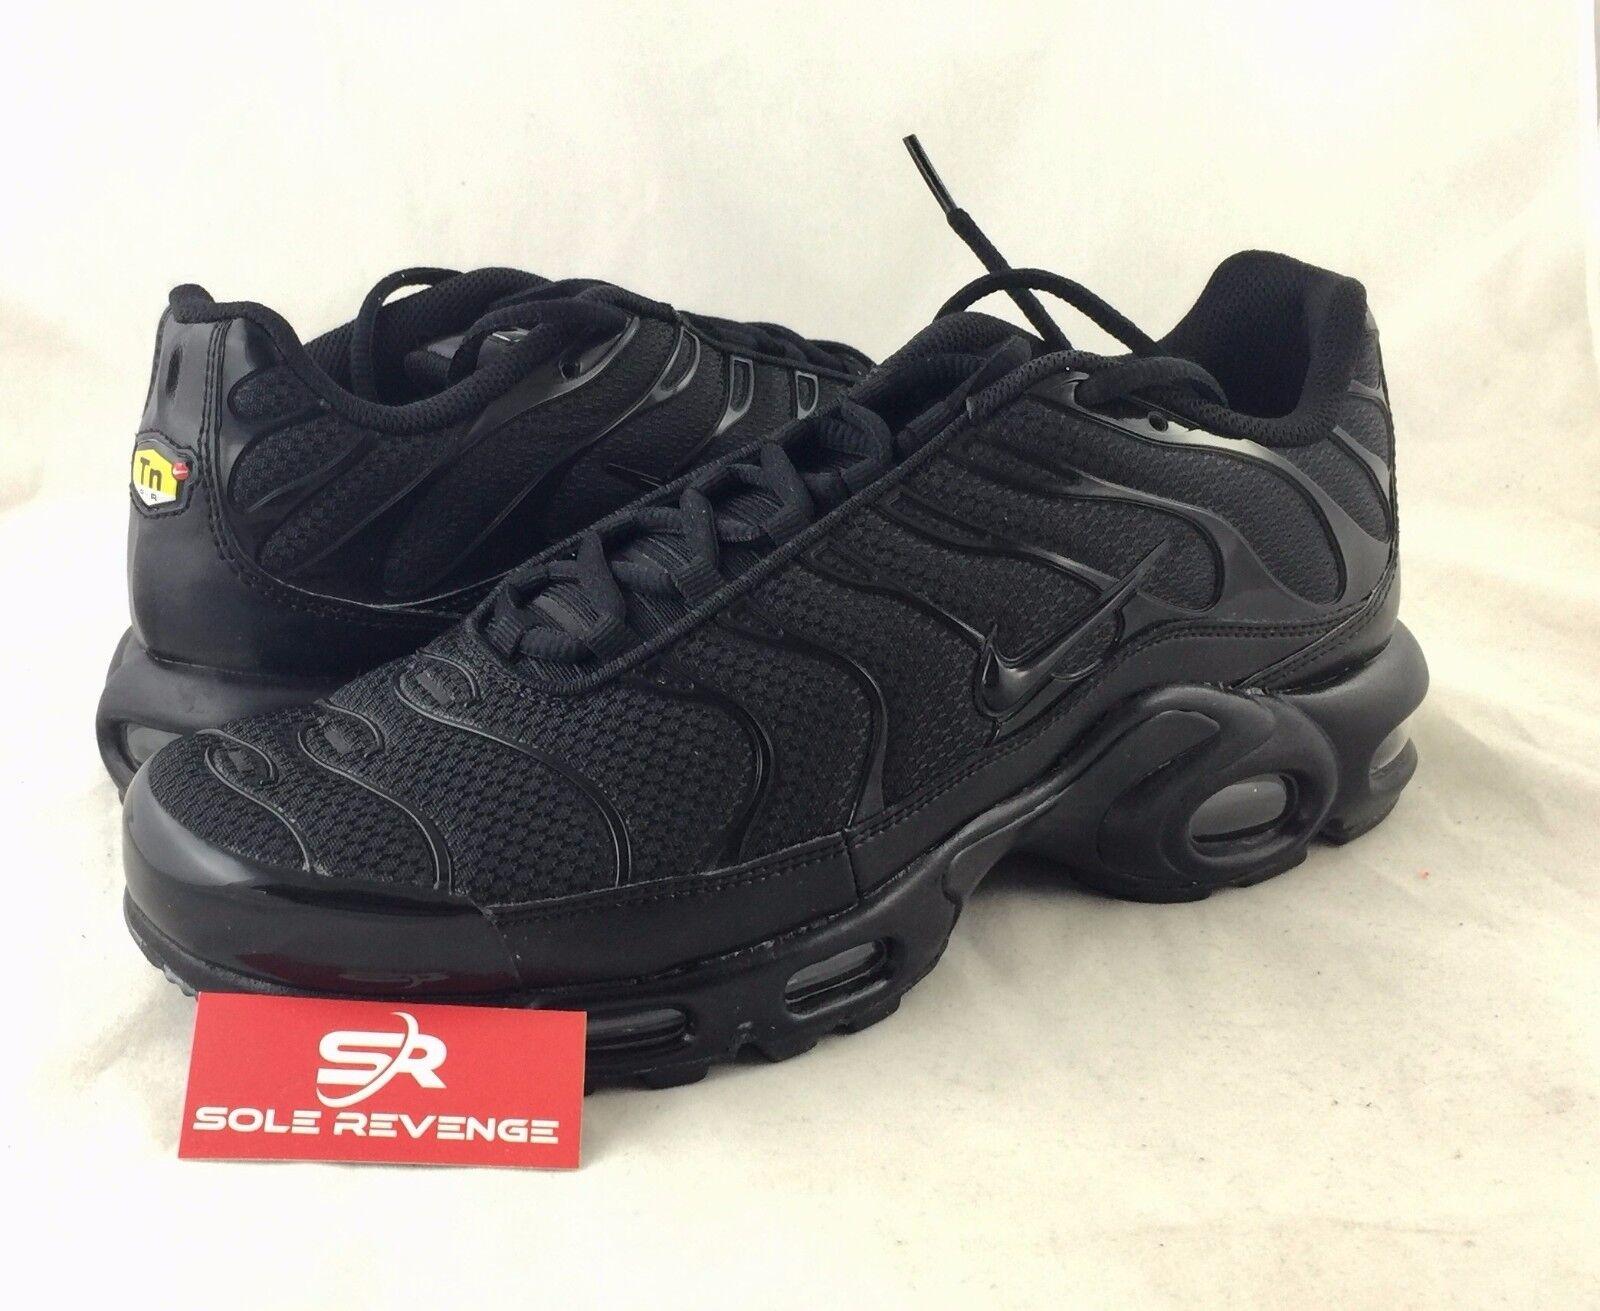 New NIKE AIR MAX PLUS TN Triple Black Shoes 604133-050 95 Tuned Air